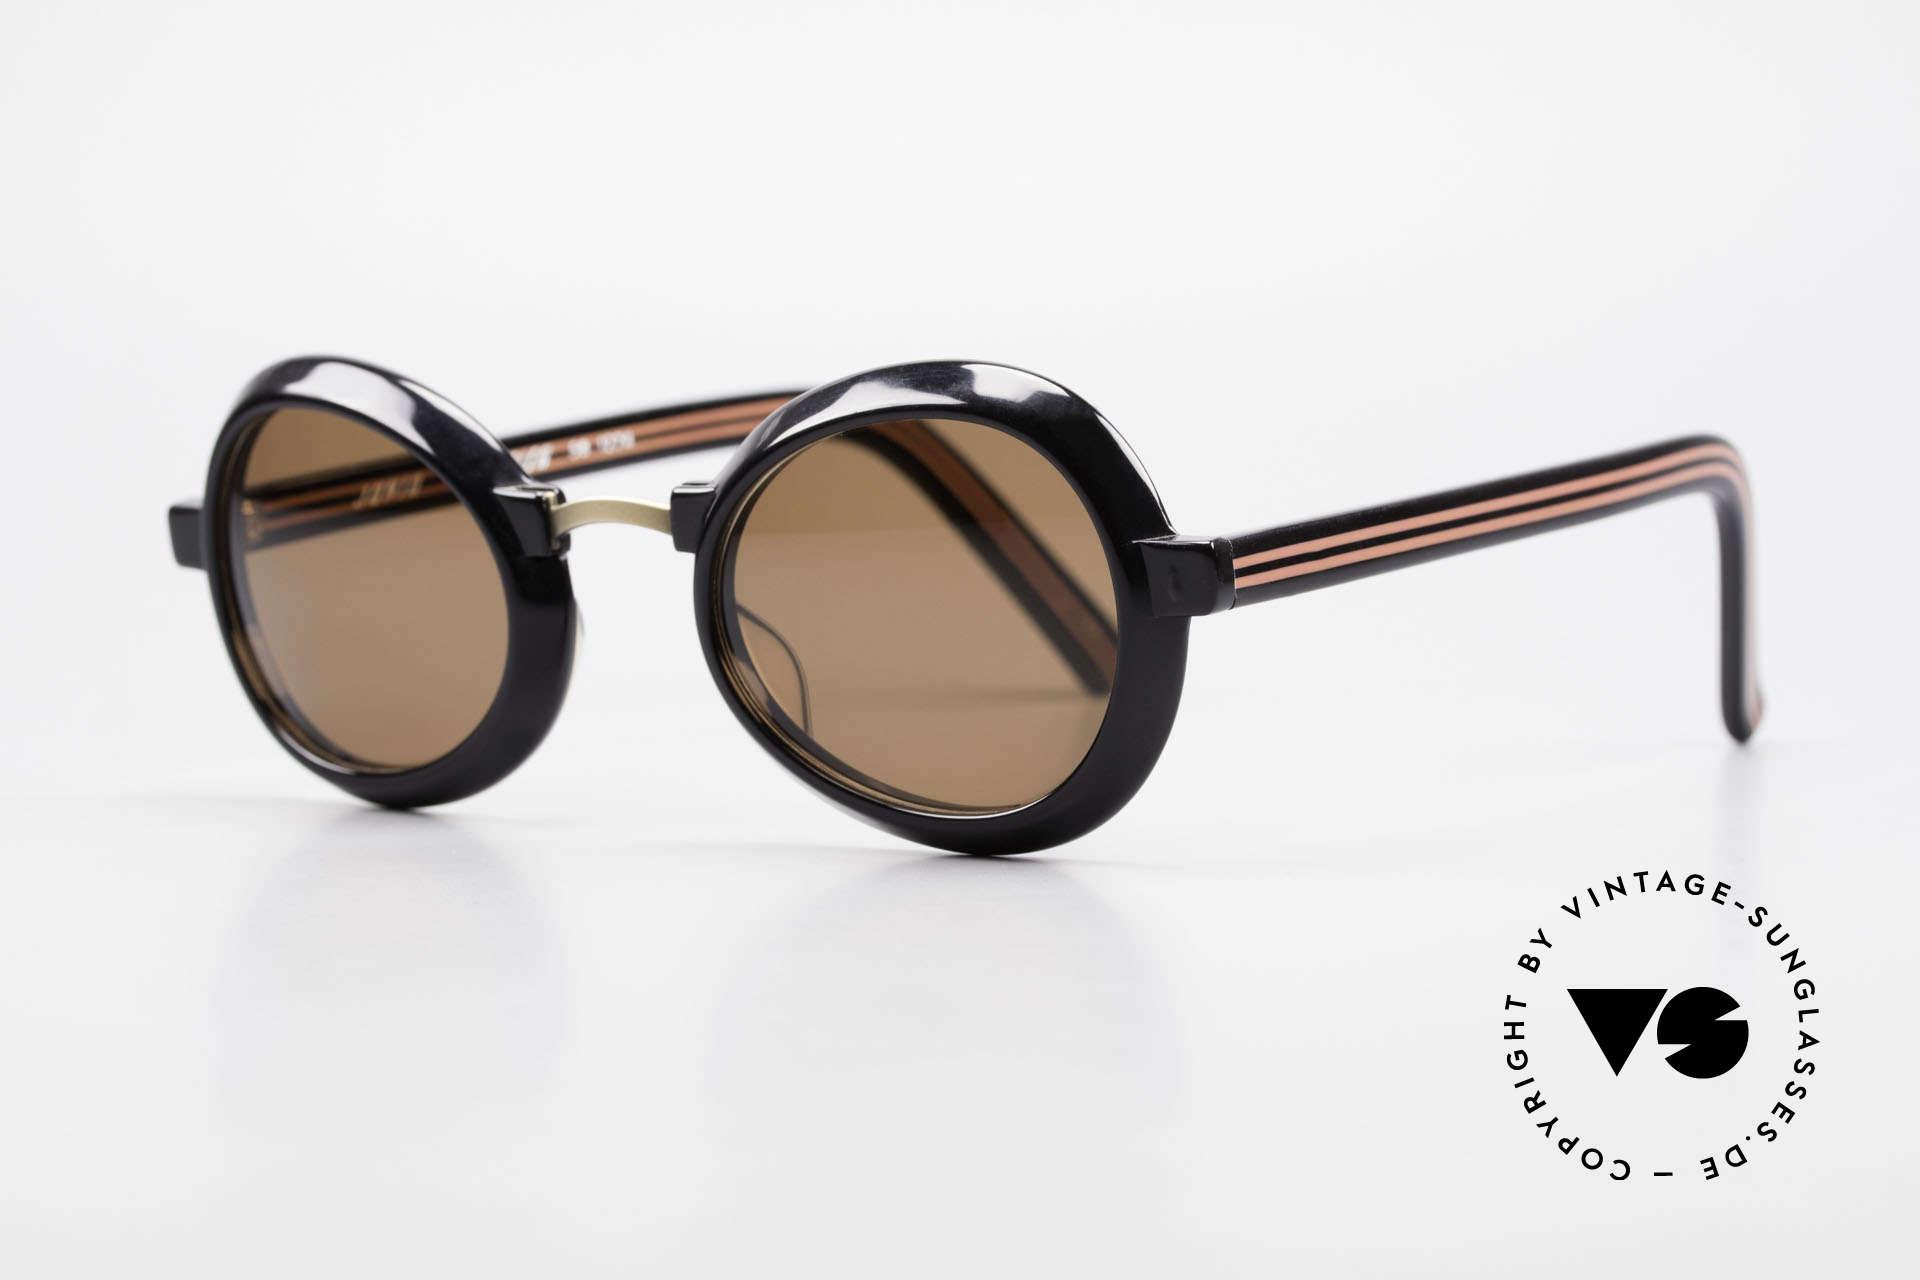 Jean Paul Gaultier 58-1274 Junior Gaultier Vintage Brille, großartiges Modell aus der JUNIOR GAULTIER Serie, Passend für Herren und Damen